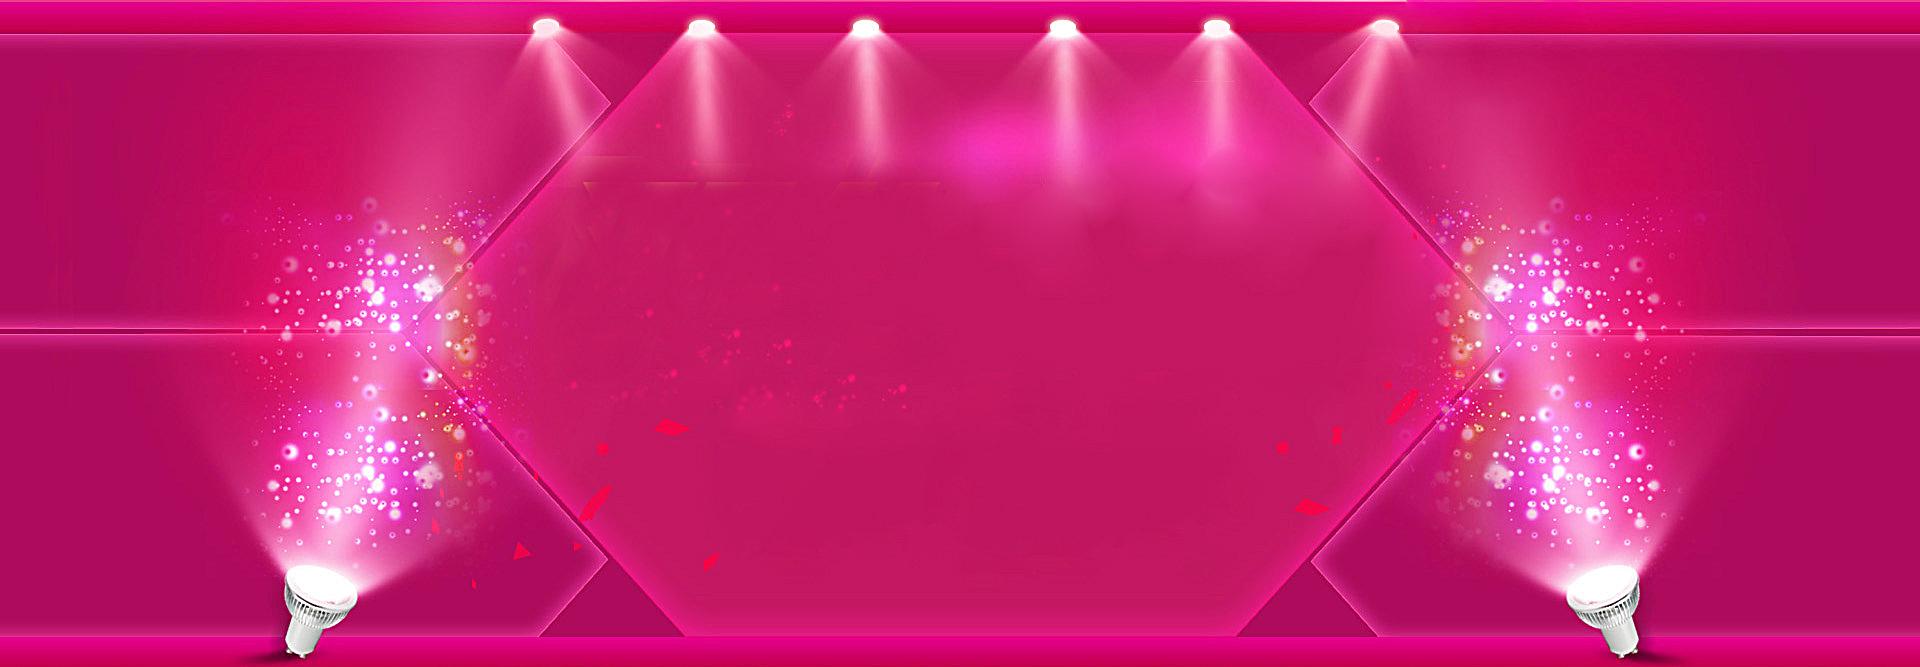 01m 尺寸:1920*667 90设计提供淘宝天猫双11红色舞台背景设计素材下载